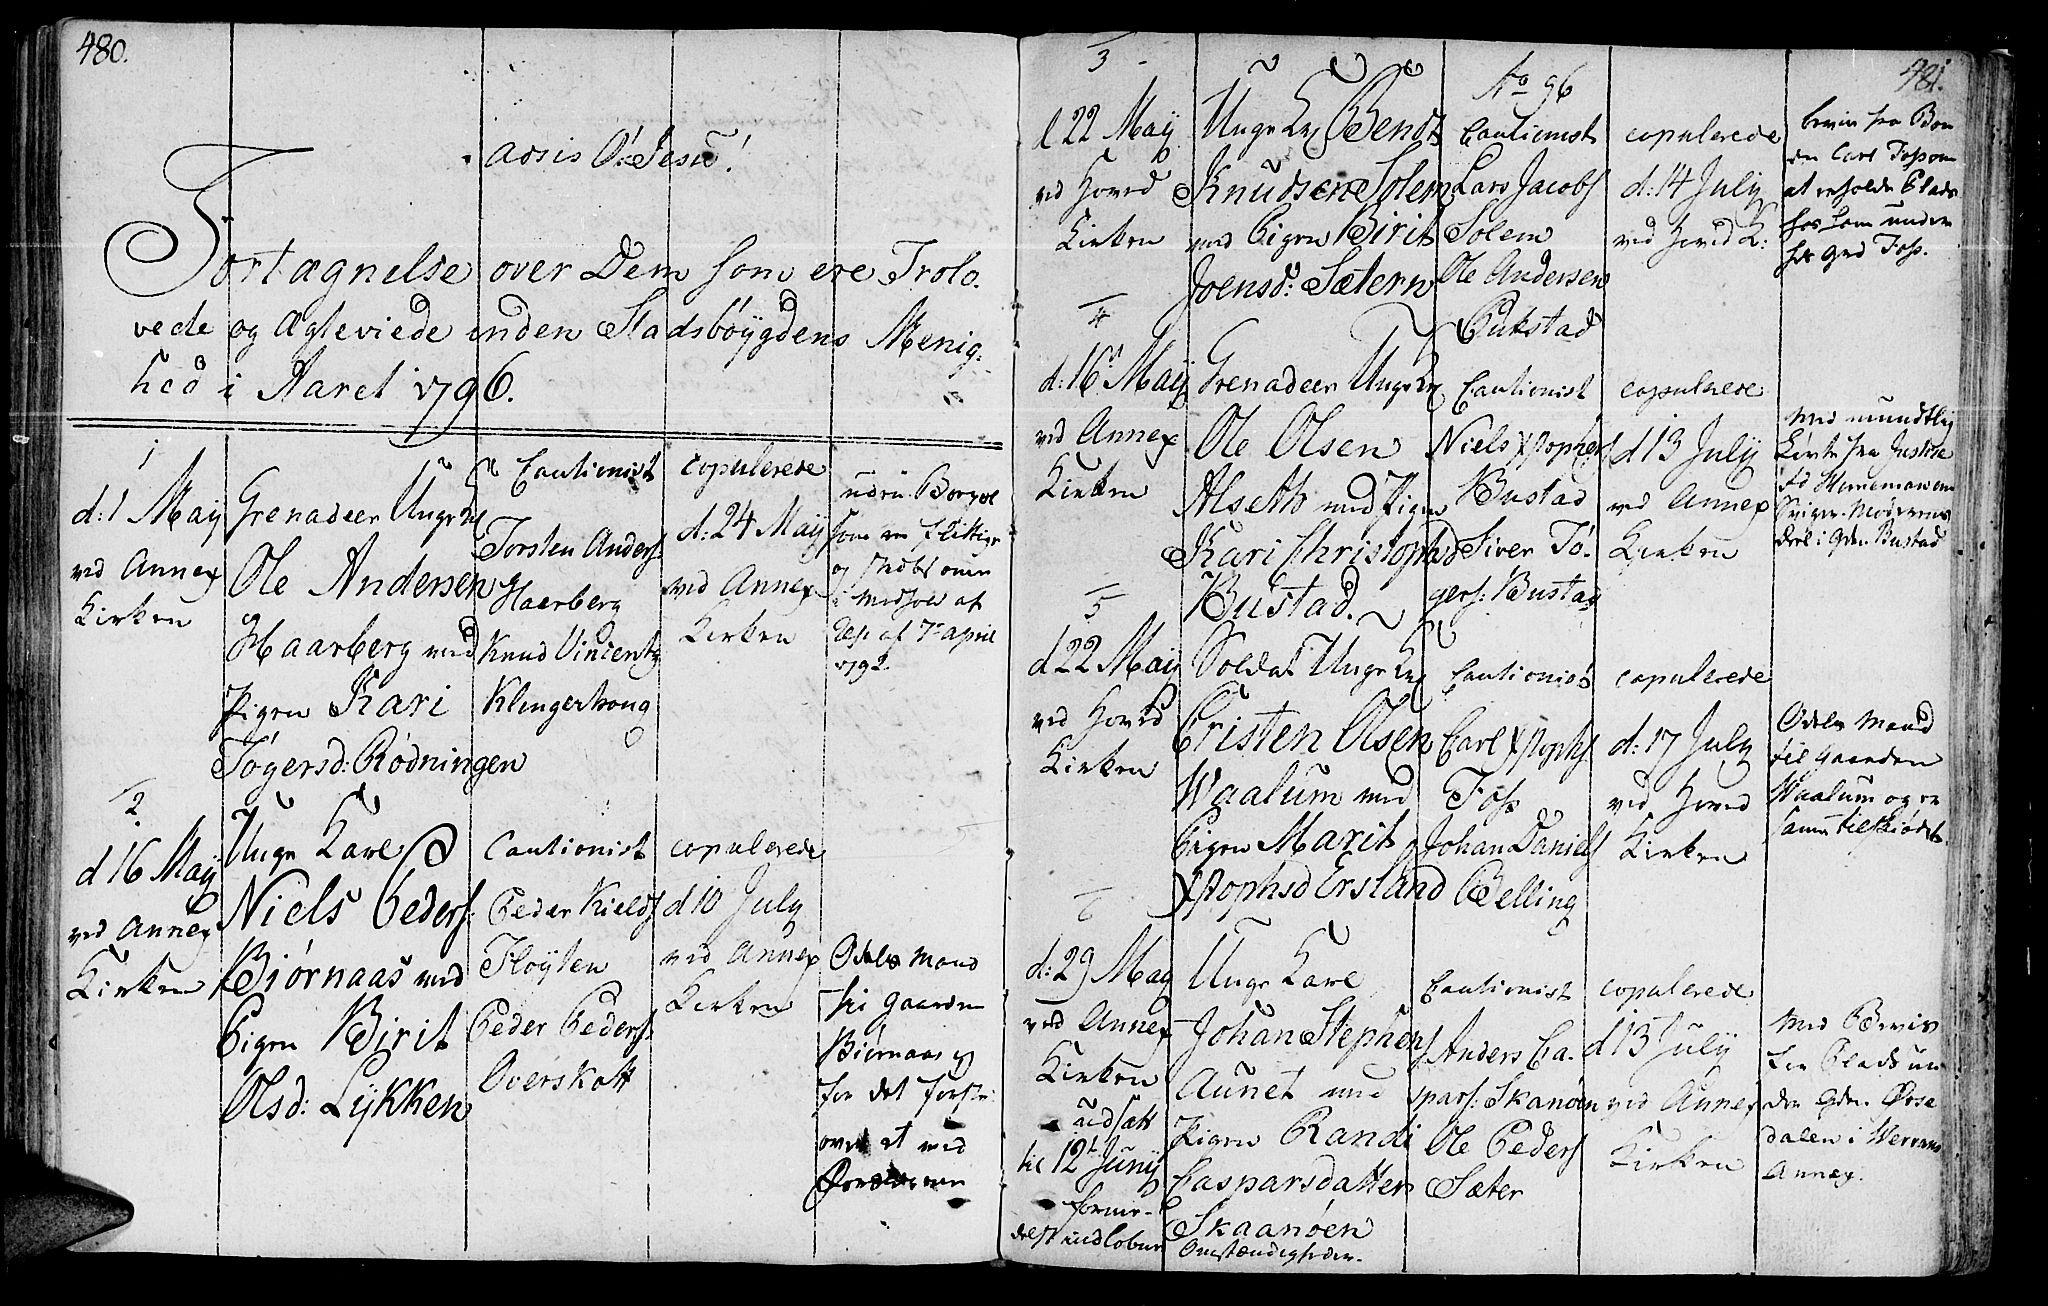 SAT, Ministerialprotokoller, klokkerbøker og fødselsregistre - Sør-Trøndelag, 646/L0606: Ministerialbok nr. 646A04, 1791-1805, s. 480-481